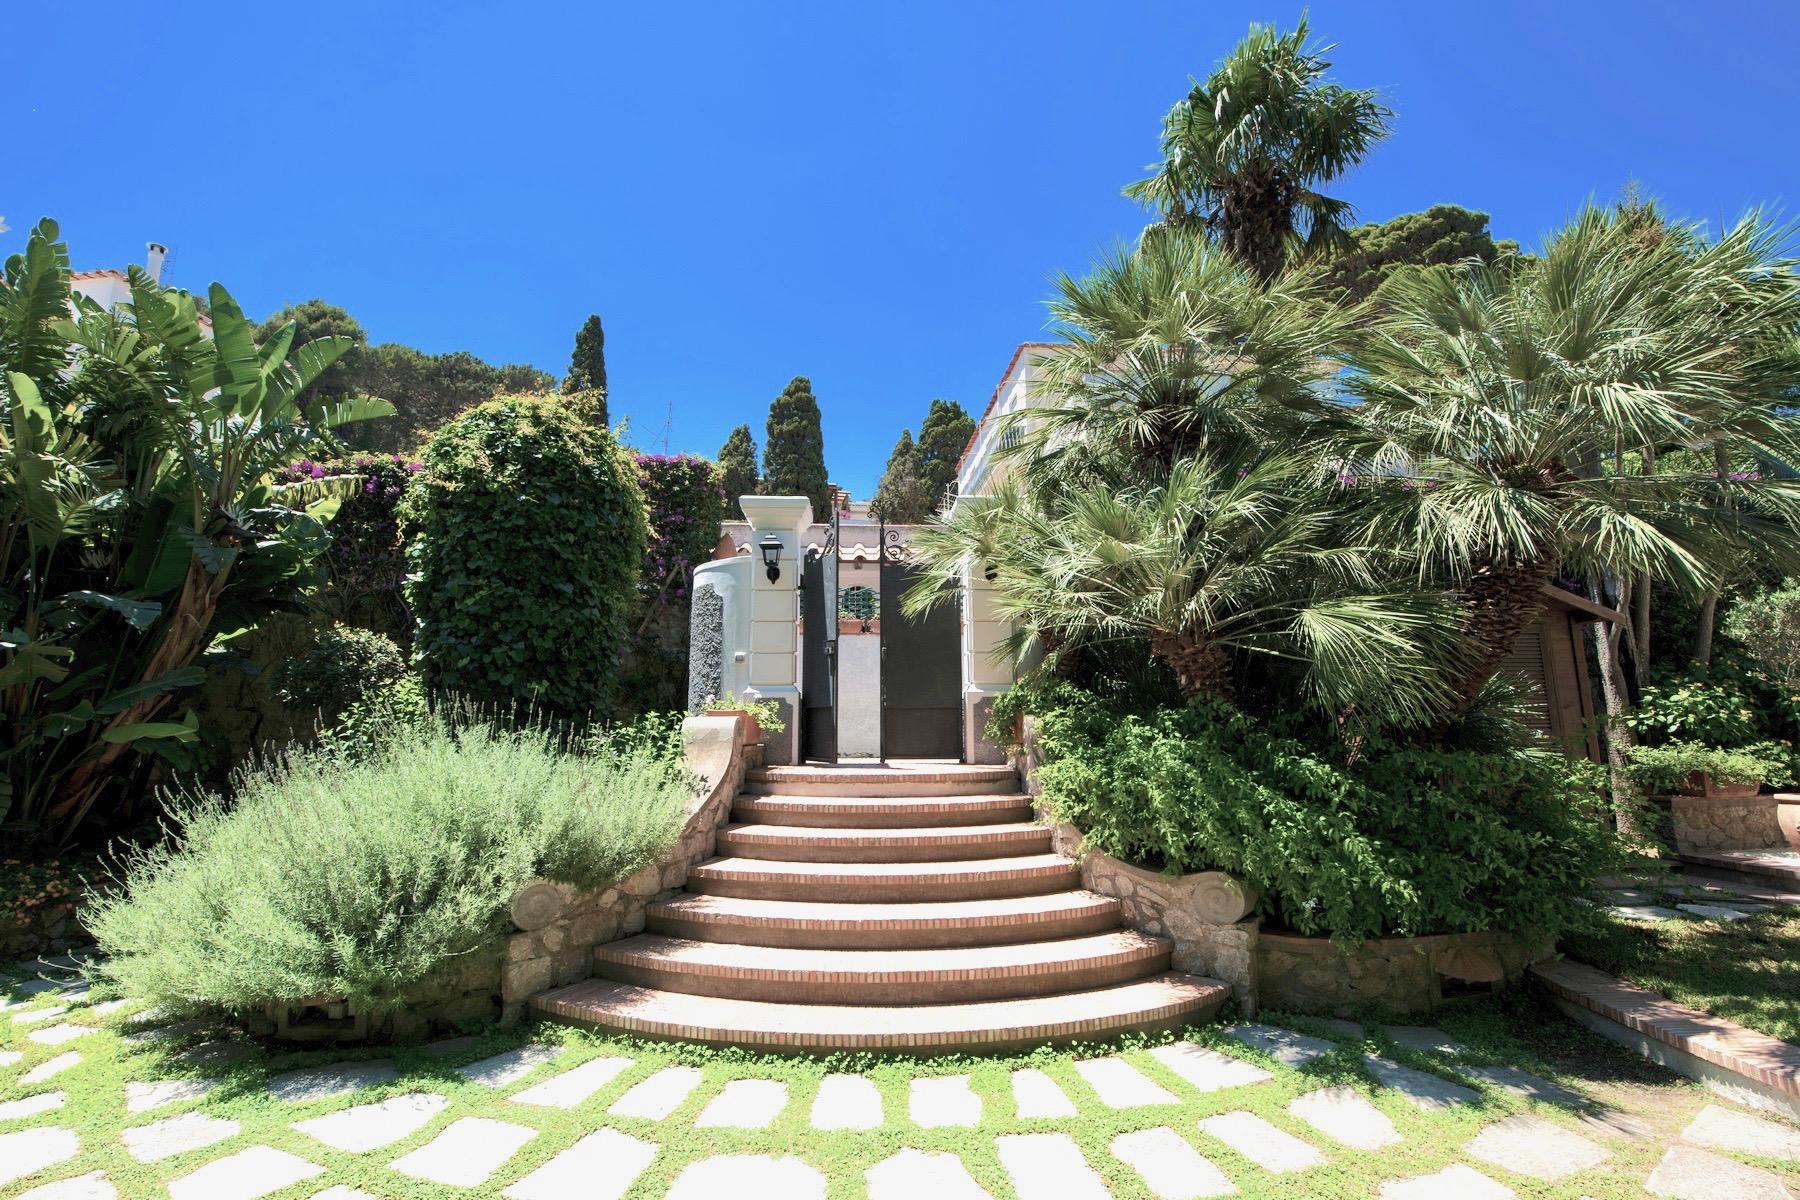 1.3 Villa Piazzetta Entry